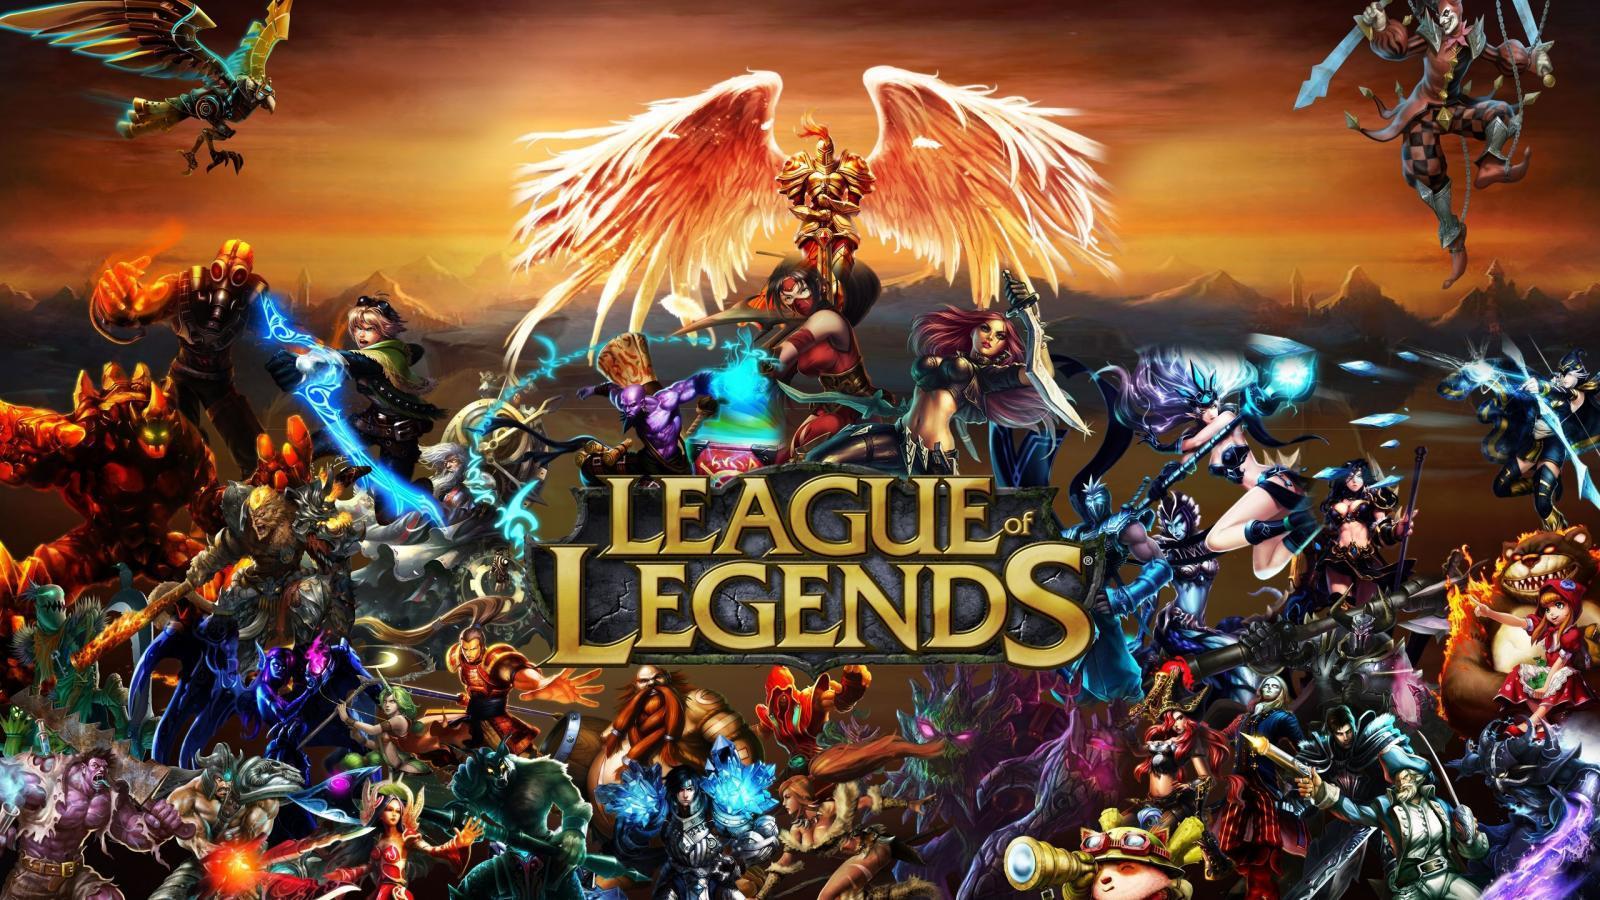 leagueoflegendsbig_5f2028ee86d150ad8c456113ec9c54e3